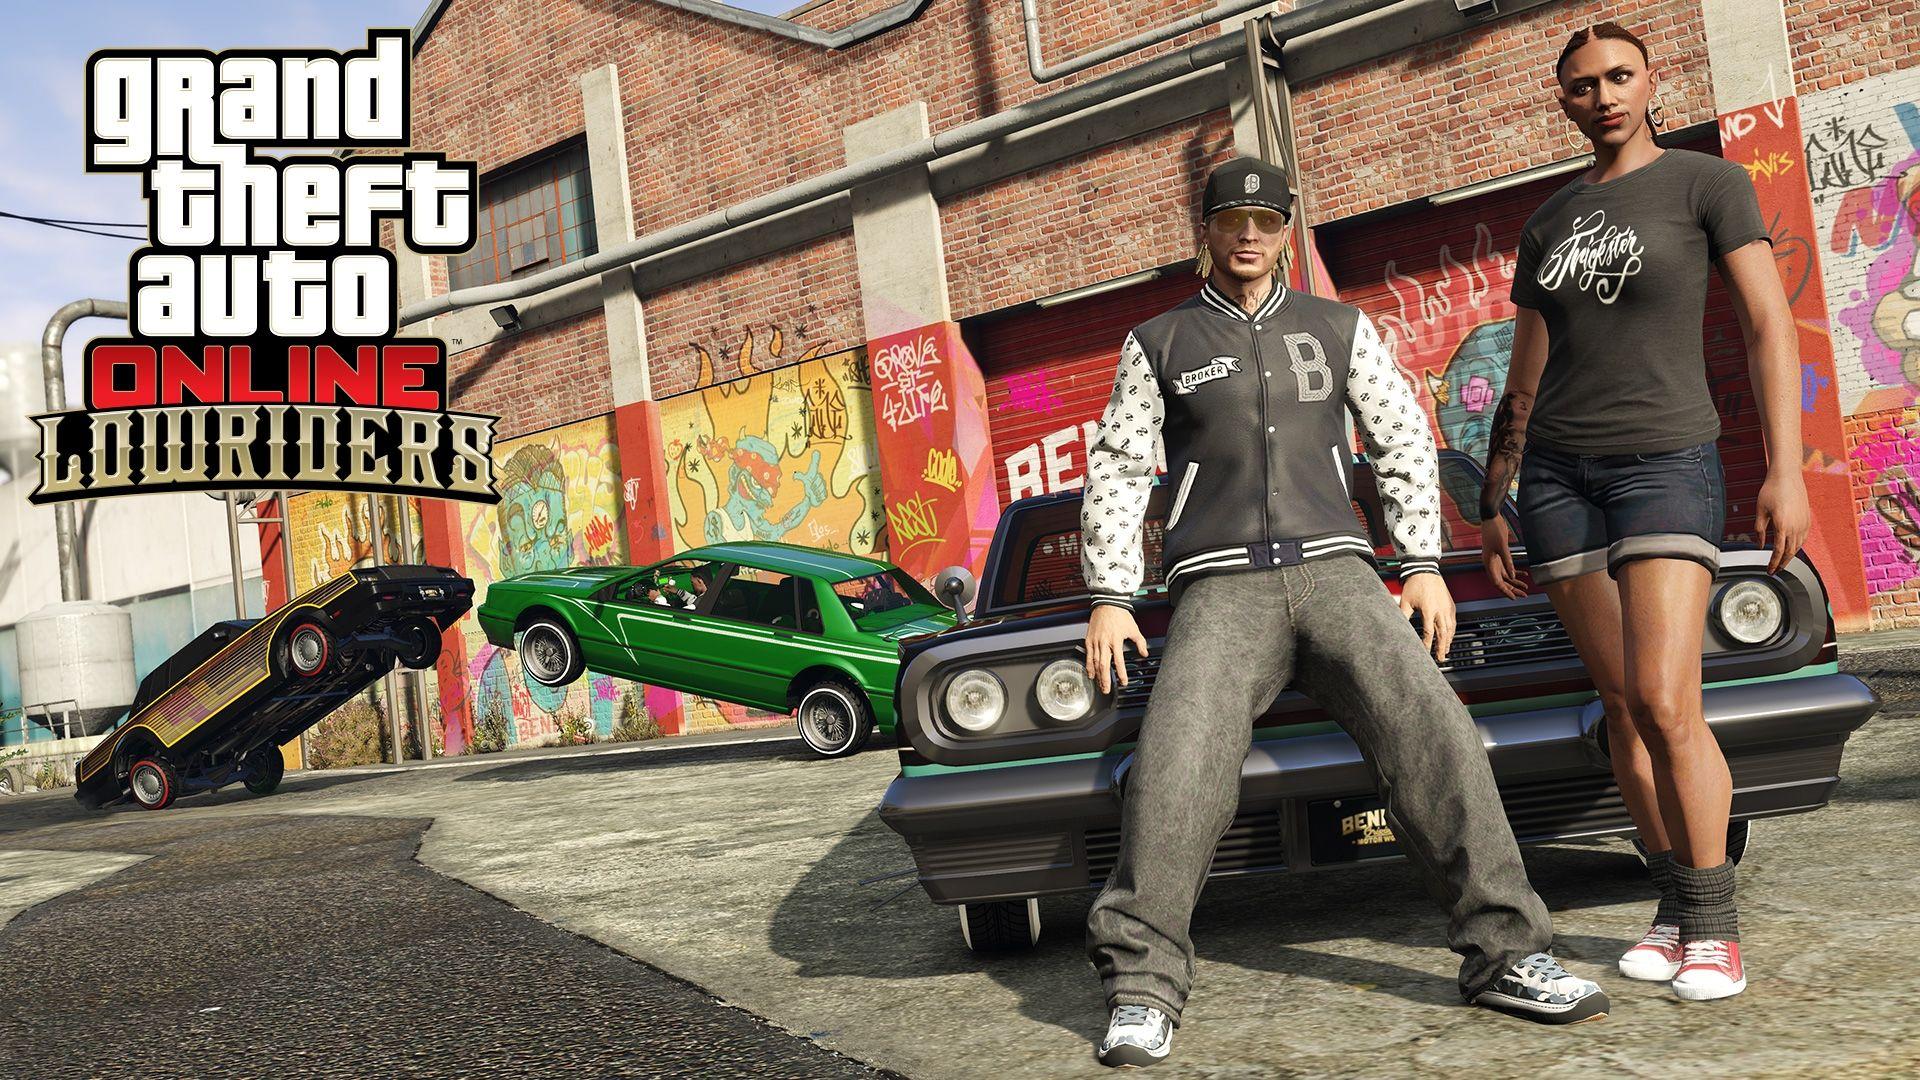 GTA Online «Лоурайдеры» — все об обновлении